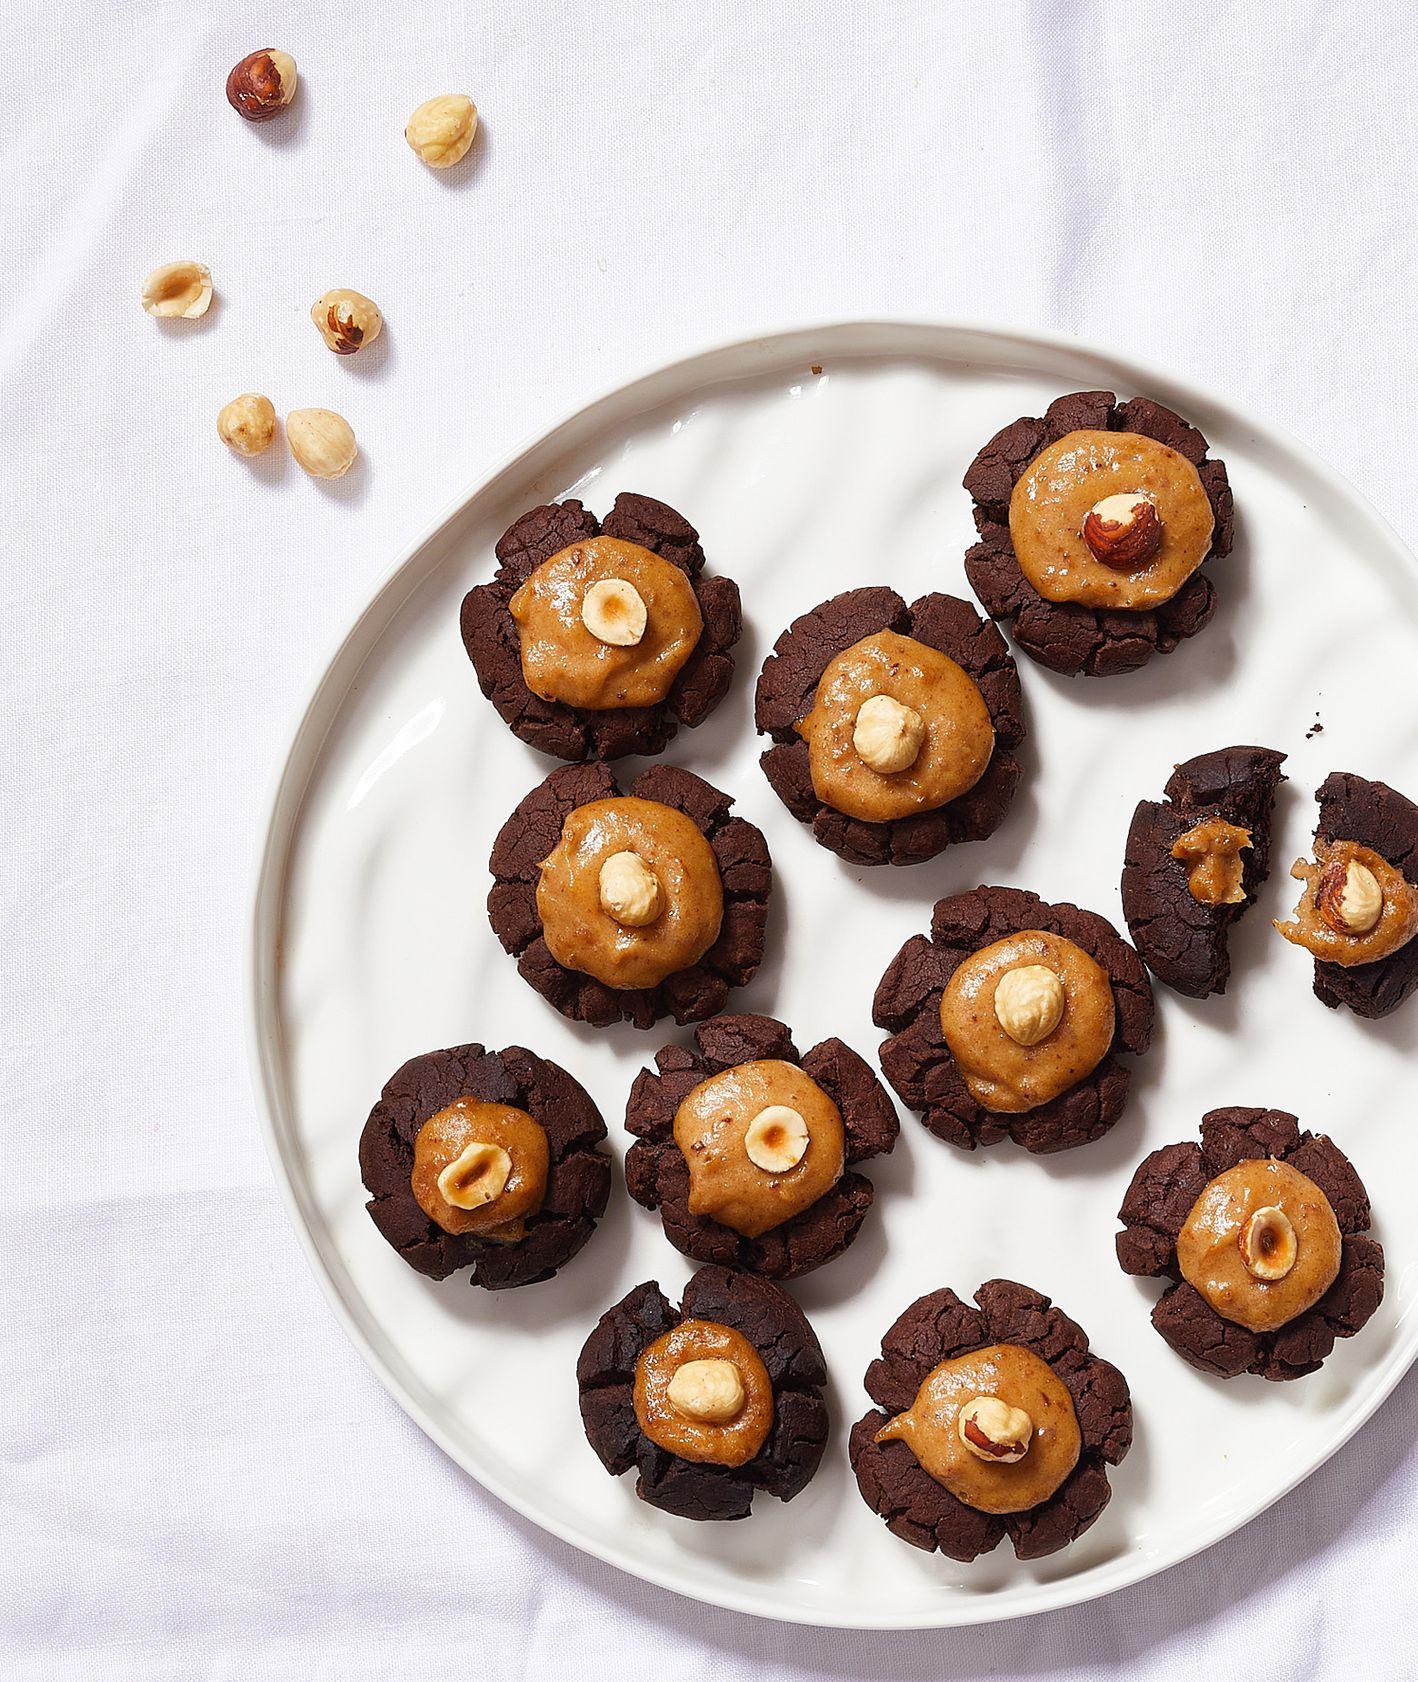 Słodycze bez białego cukru. Czekoladowe ciasteczka z solonym karmelem (fot. Maciek Niemojewski)